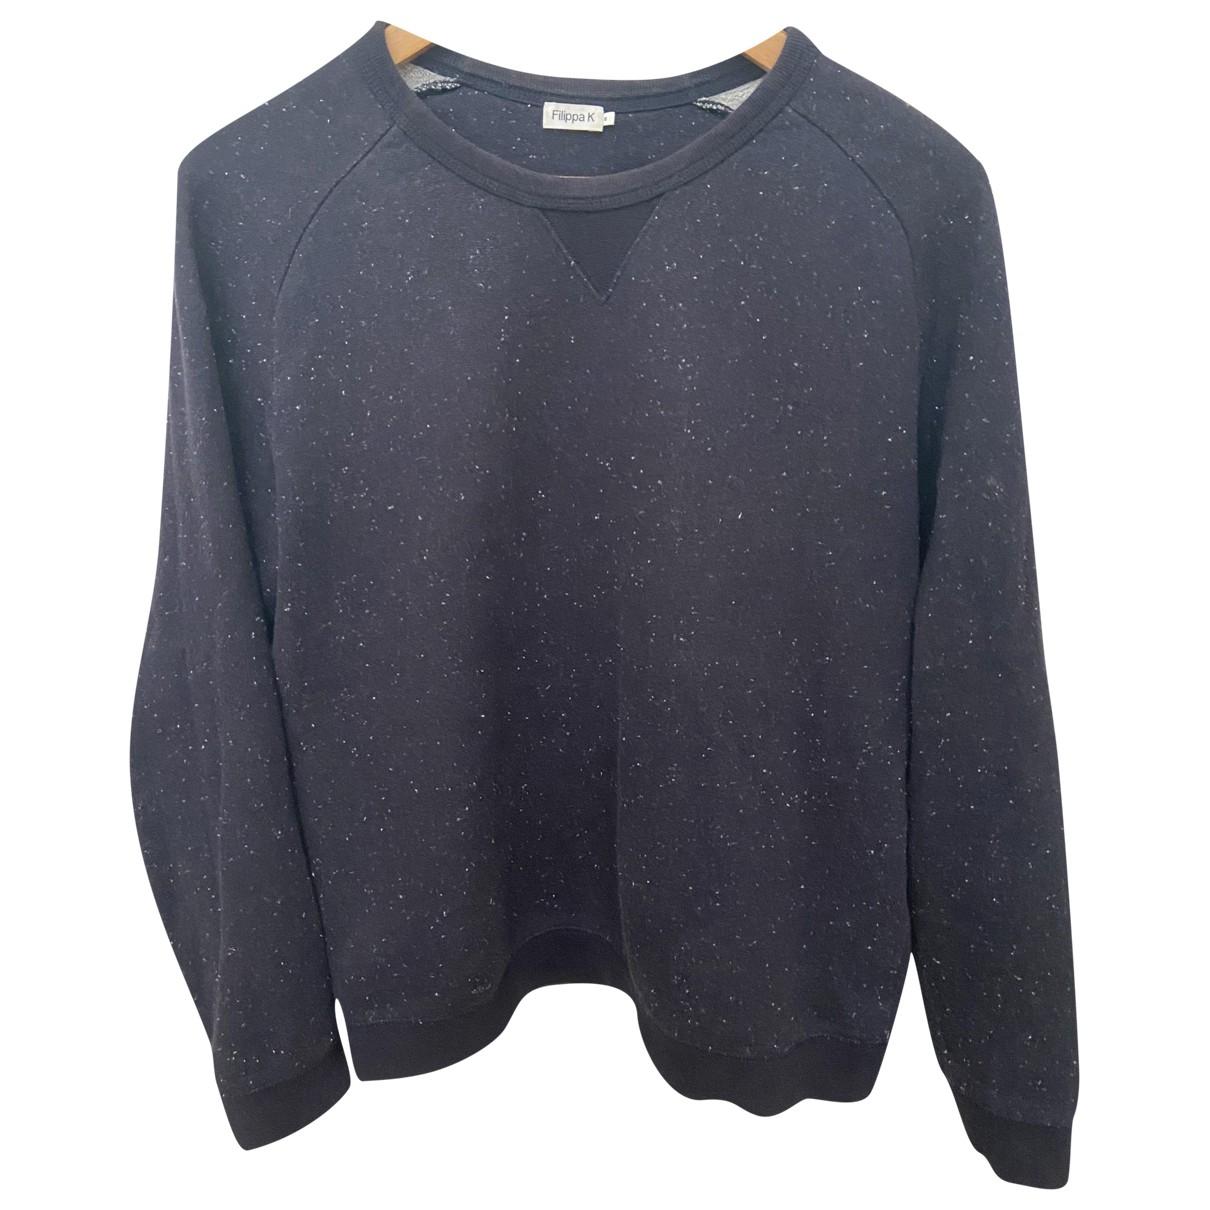 Filippa K \N Pullover.Westen.Sweatshirts  in  Schwarz Baumwolle